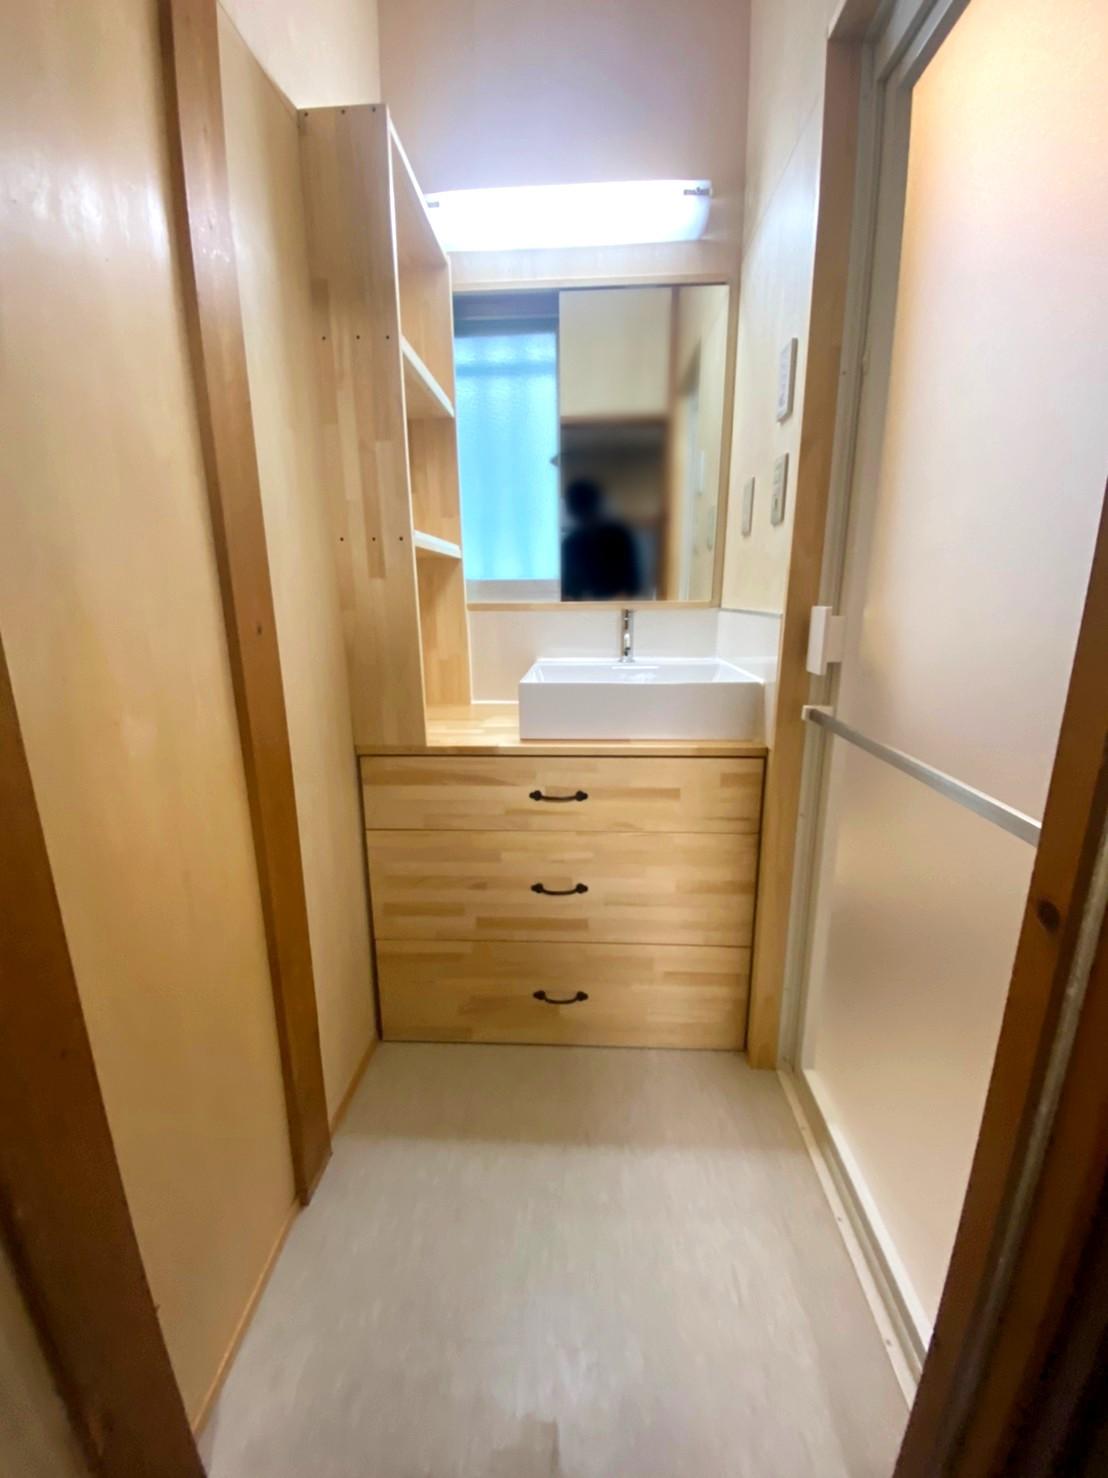 洗面脱衣室ー木の仕上げがナチュラルな雰囲気の洗面室